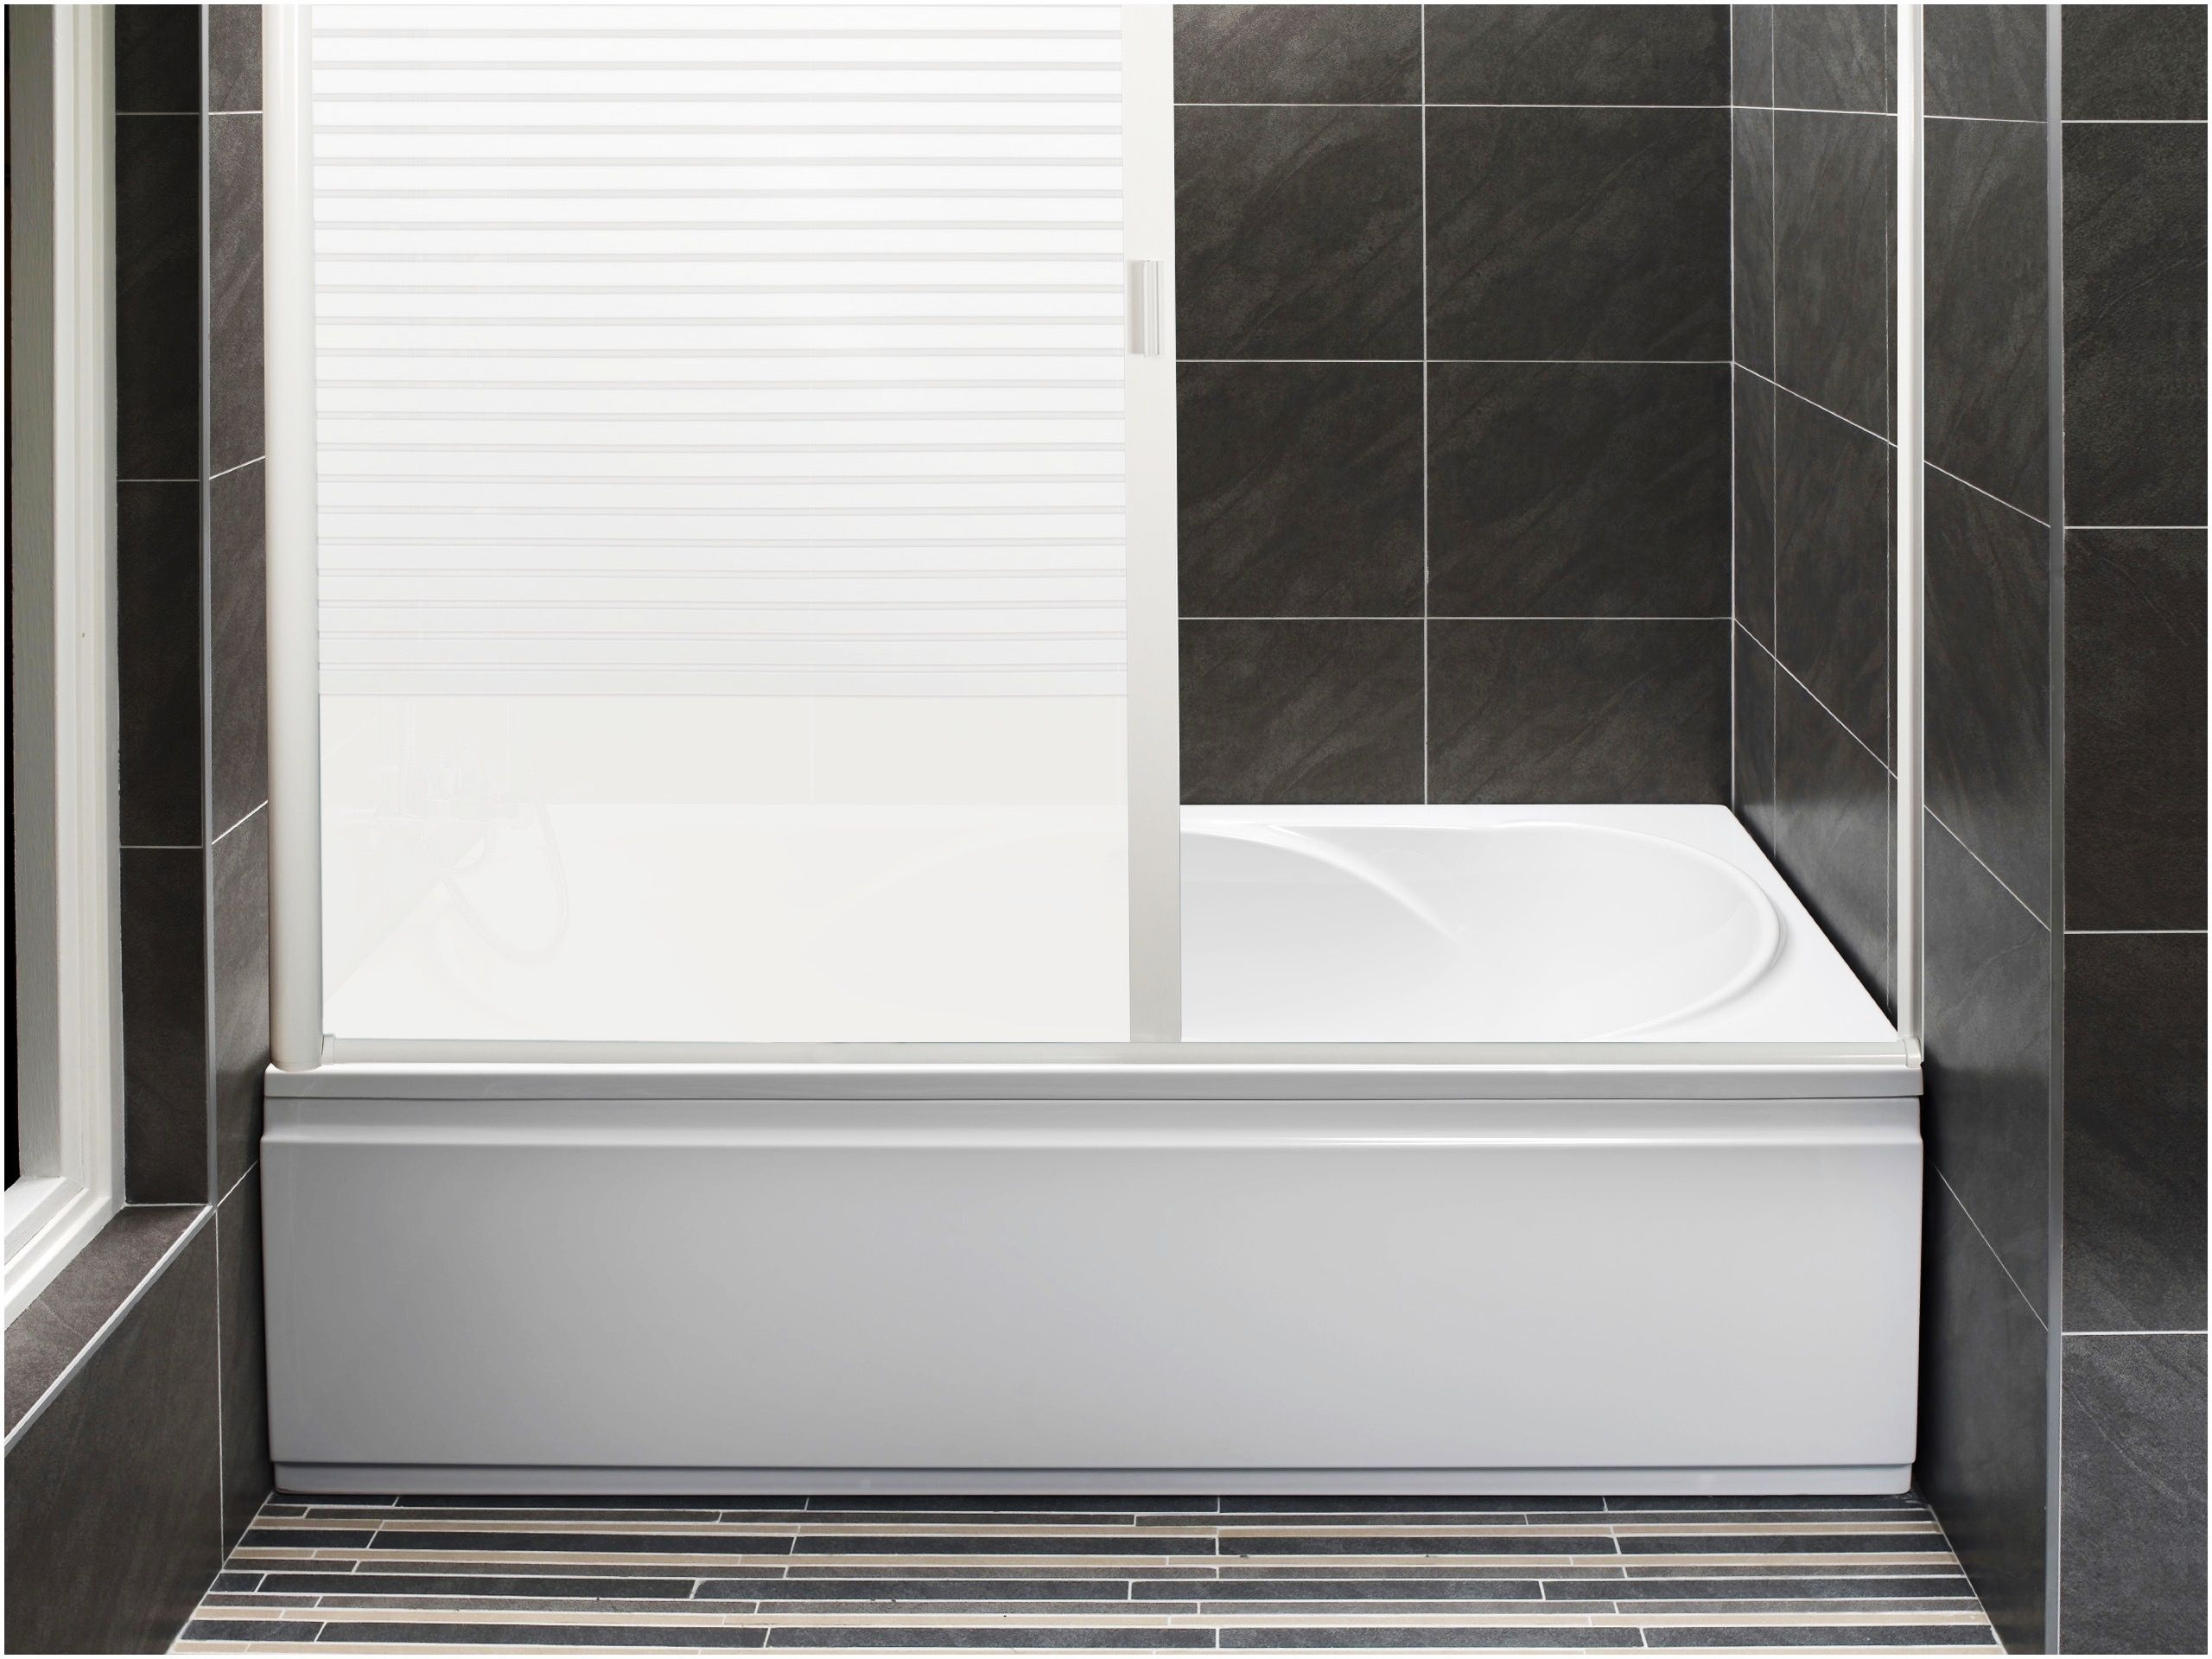 Closet Doors Retractable Shower Doors Pinterest Closet Doors